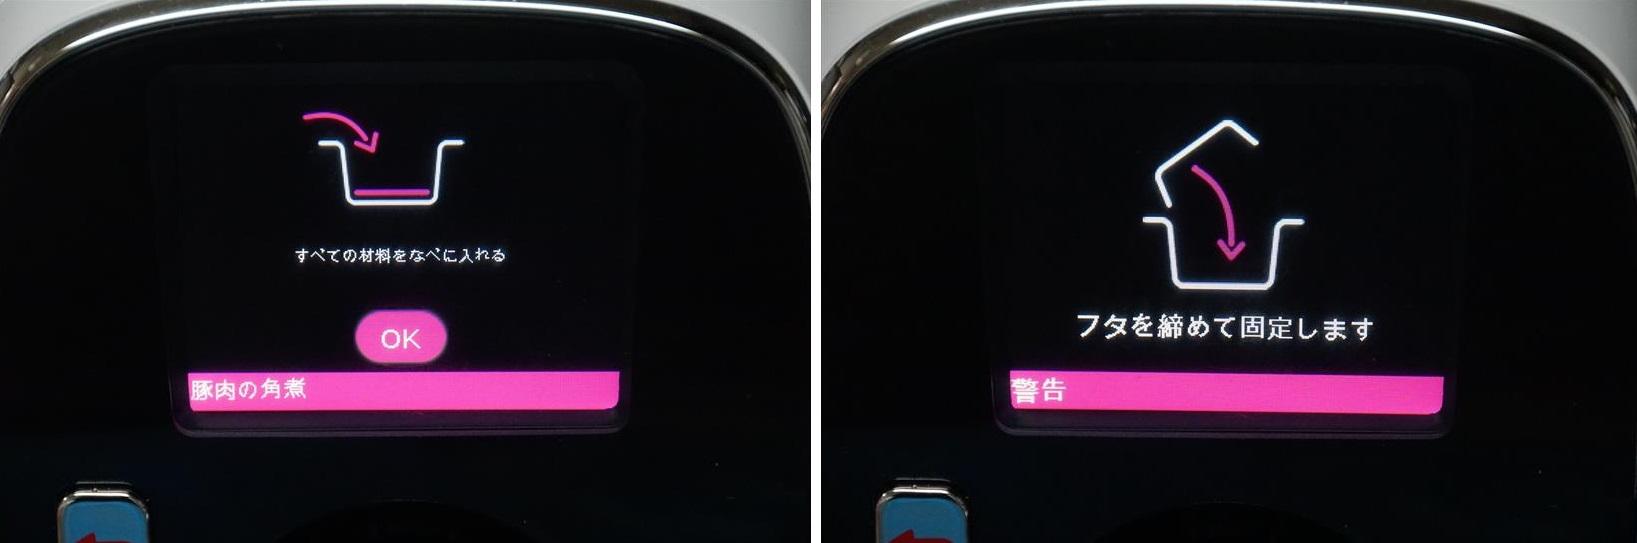 ↑すべての食材を内鍋に入れ(左)、上部のフタを閉めて固定するよう指示がある(右)。あとは待つだけ